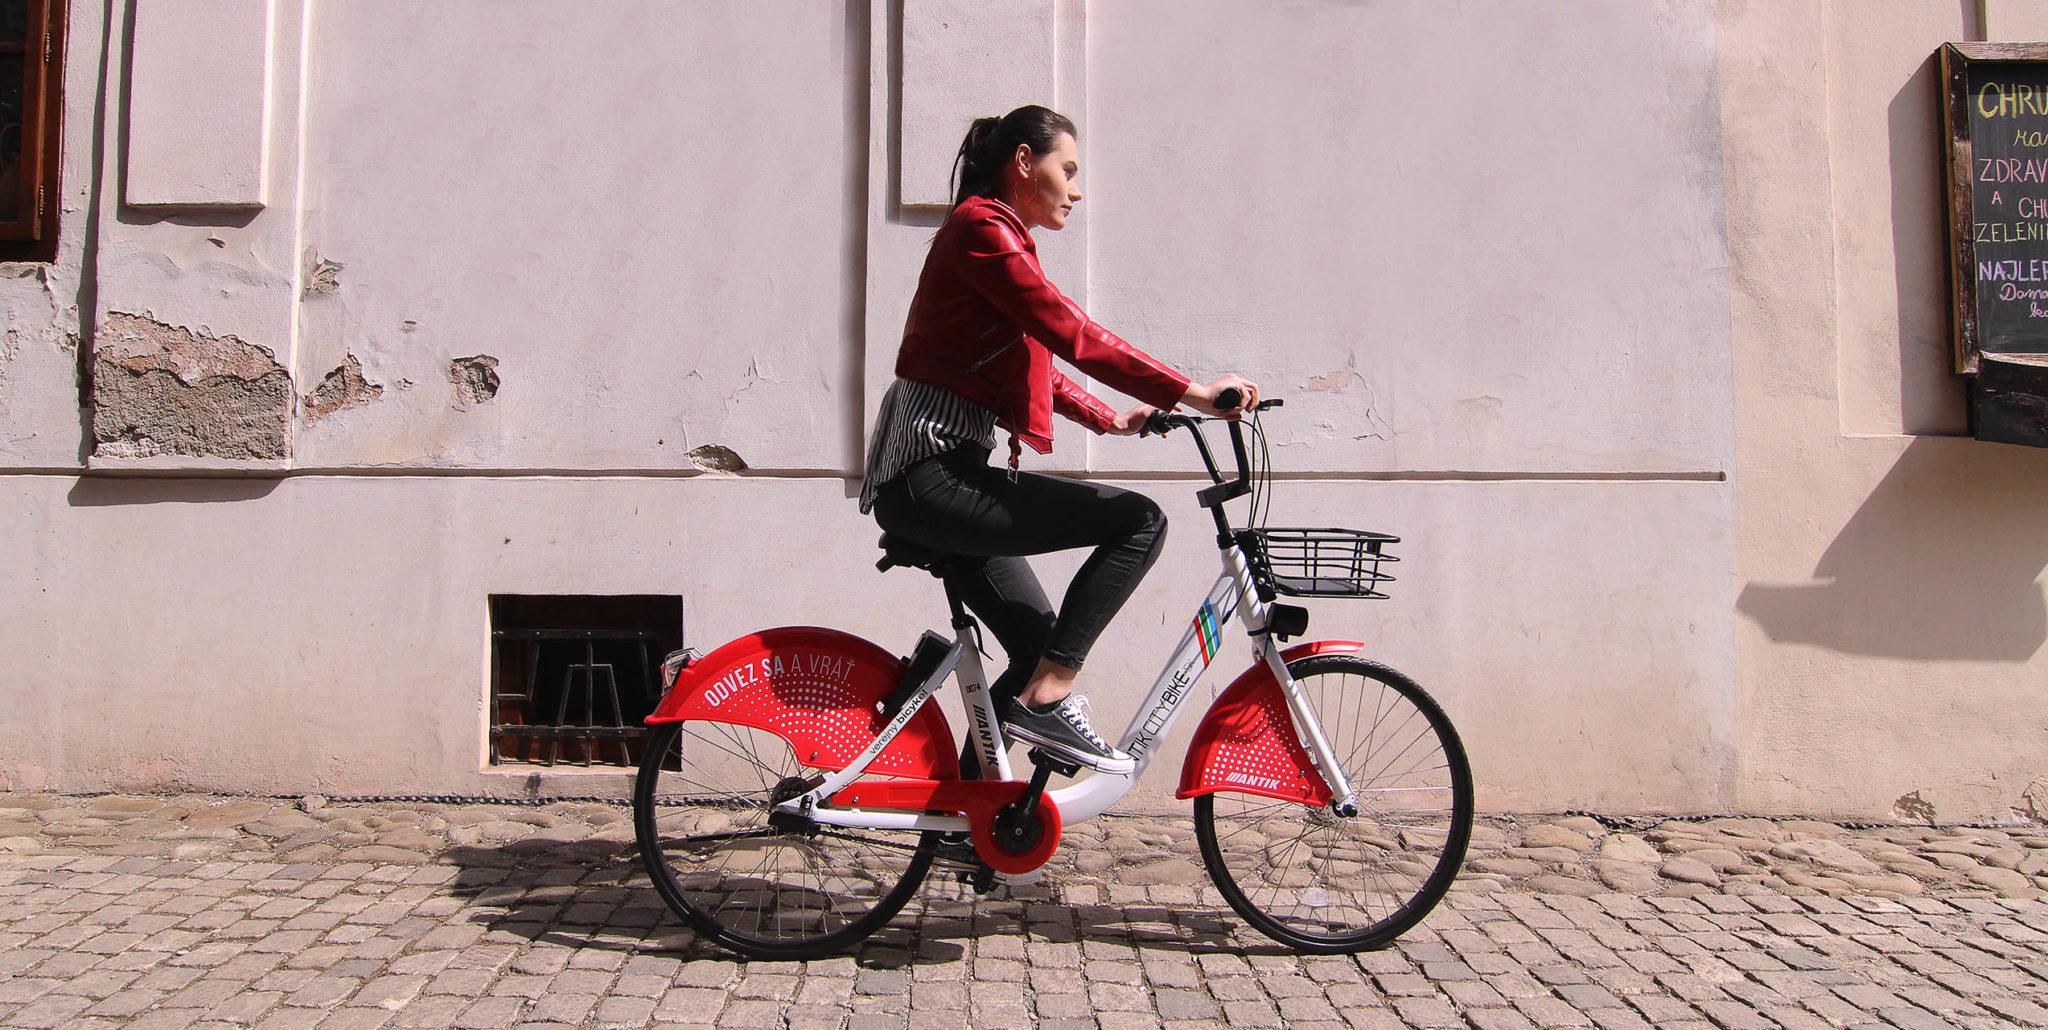 Najväčší bikesharing na Slovensku je blízko spustenia. Začala sa testovacia prevádzka